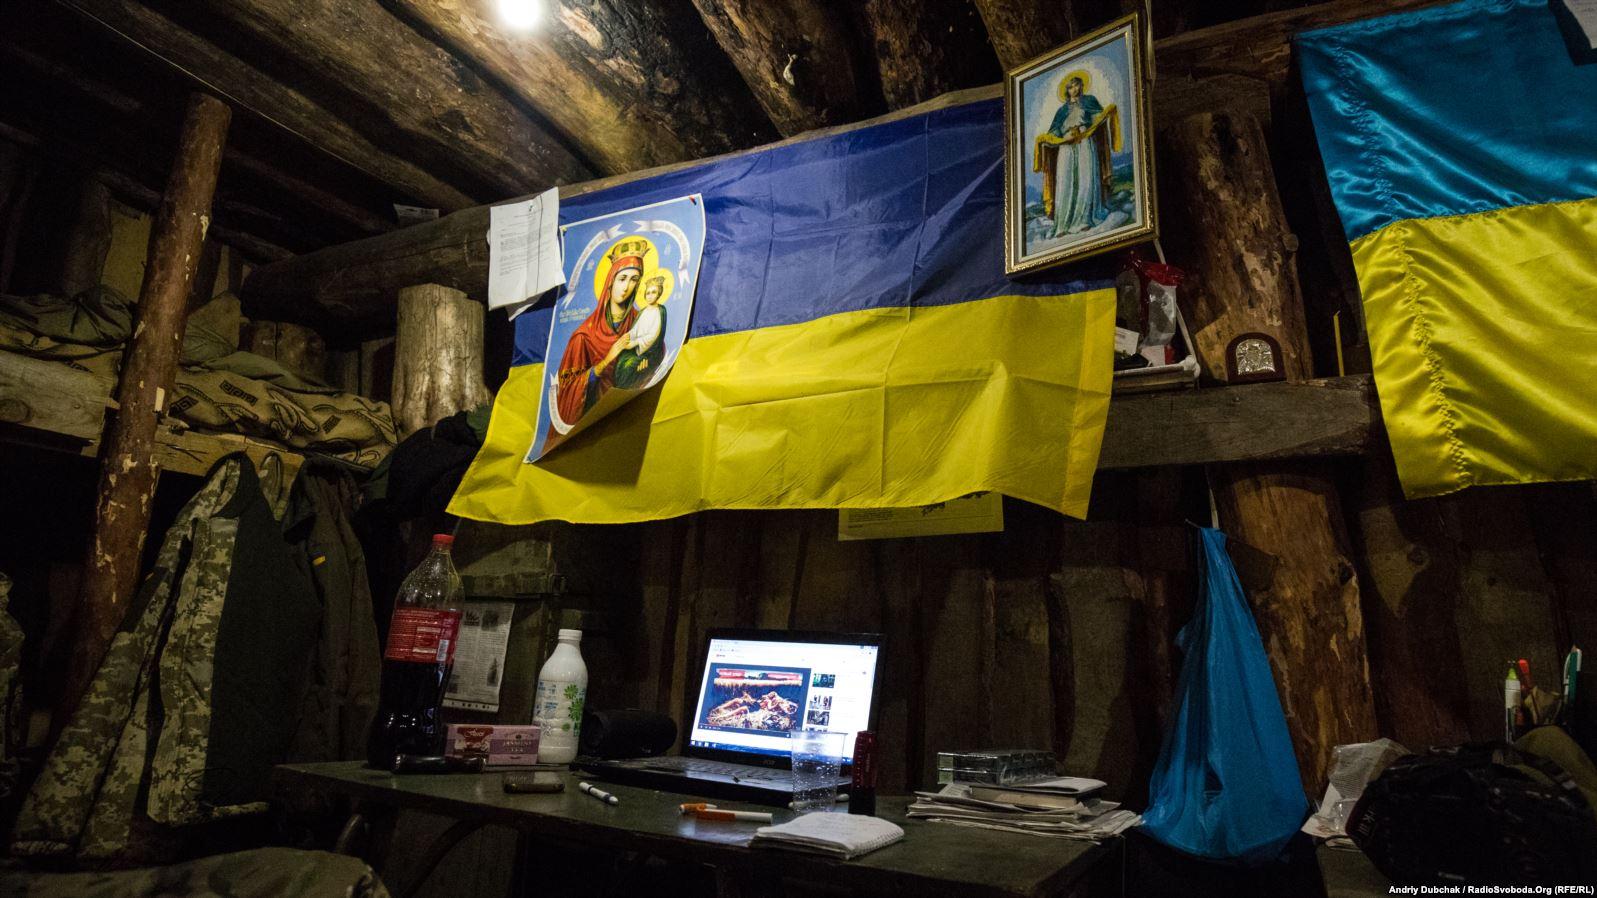 Ікони та прапори у жилій землянці